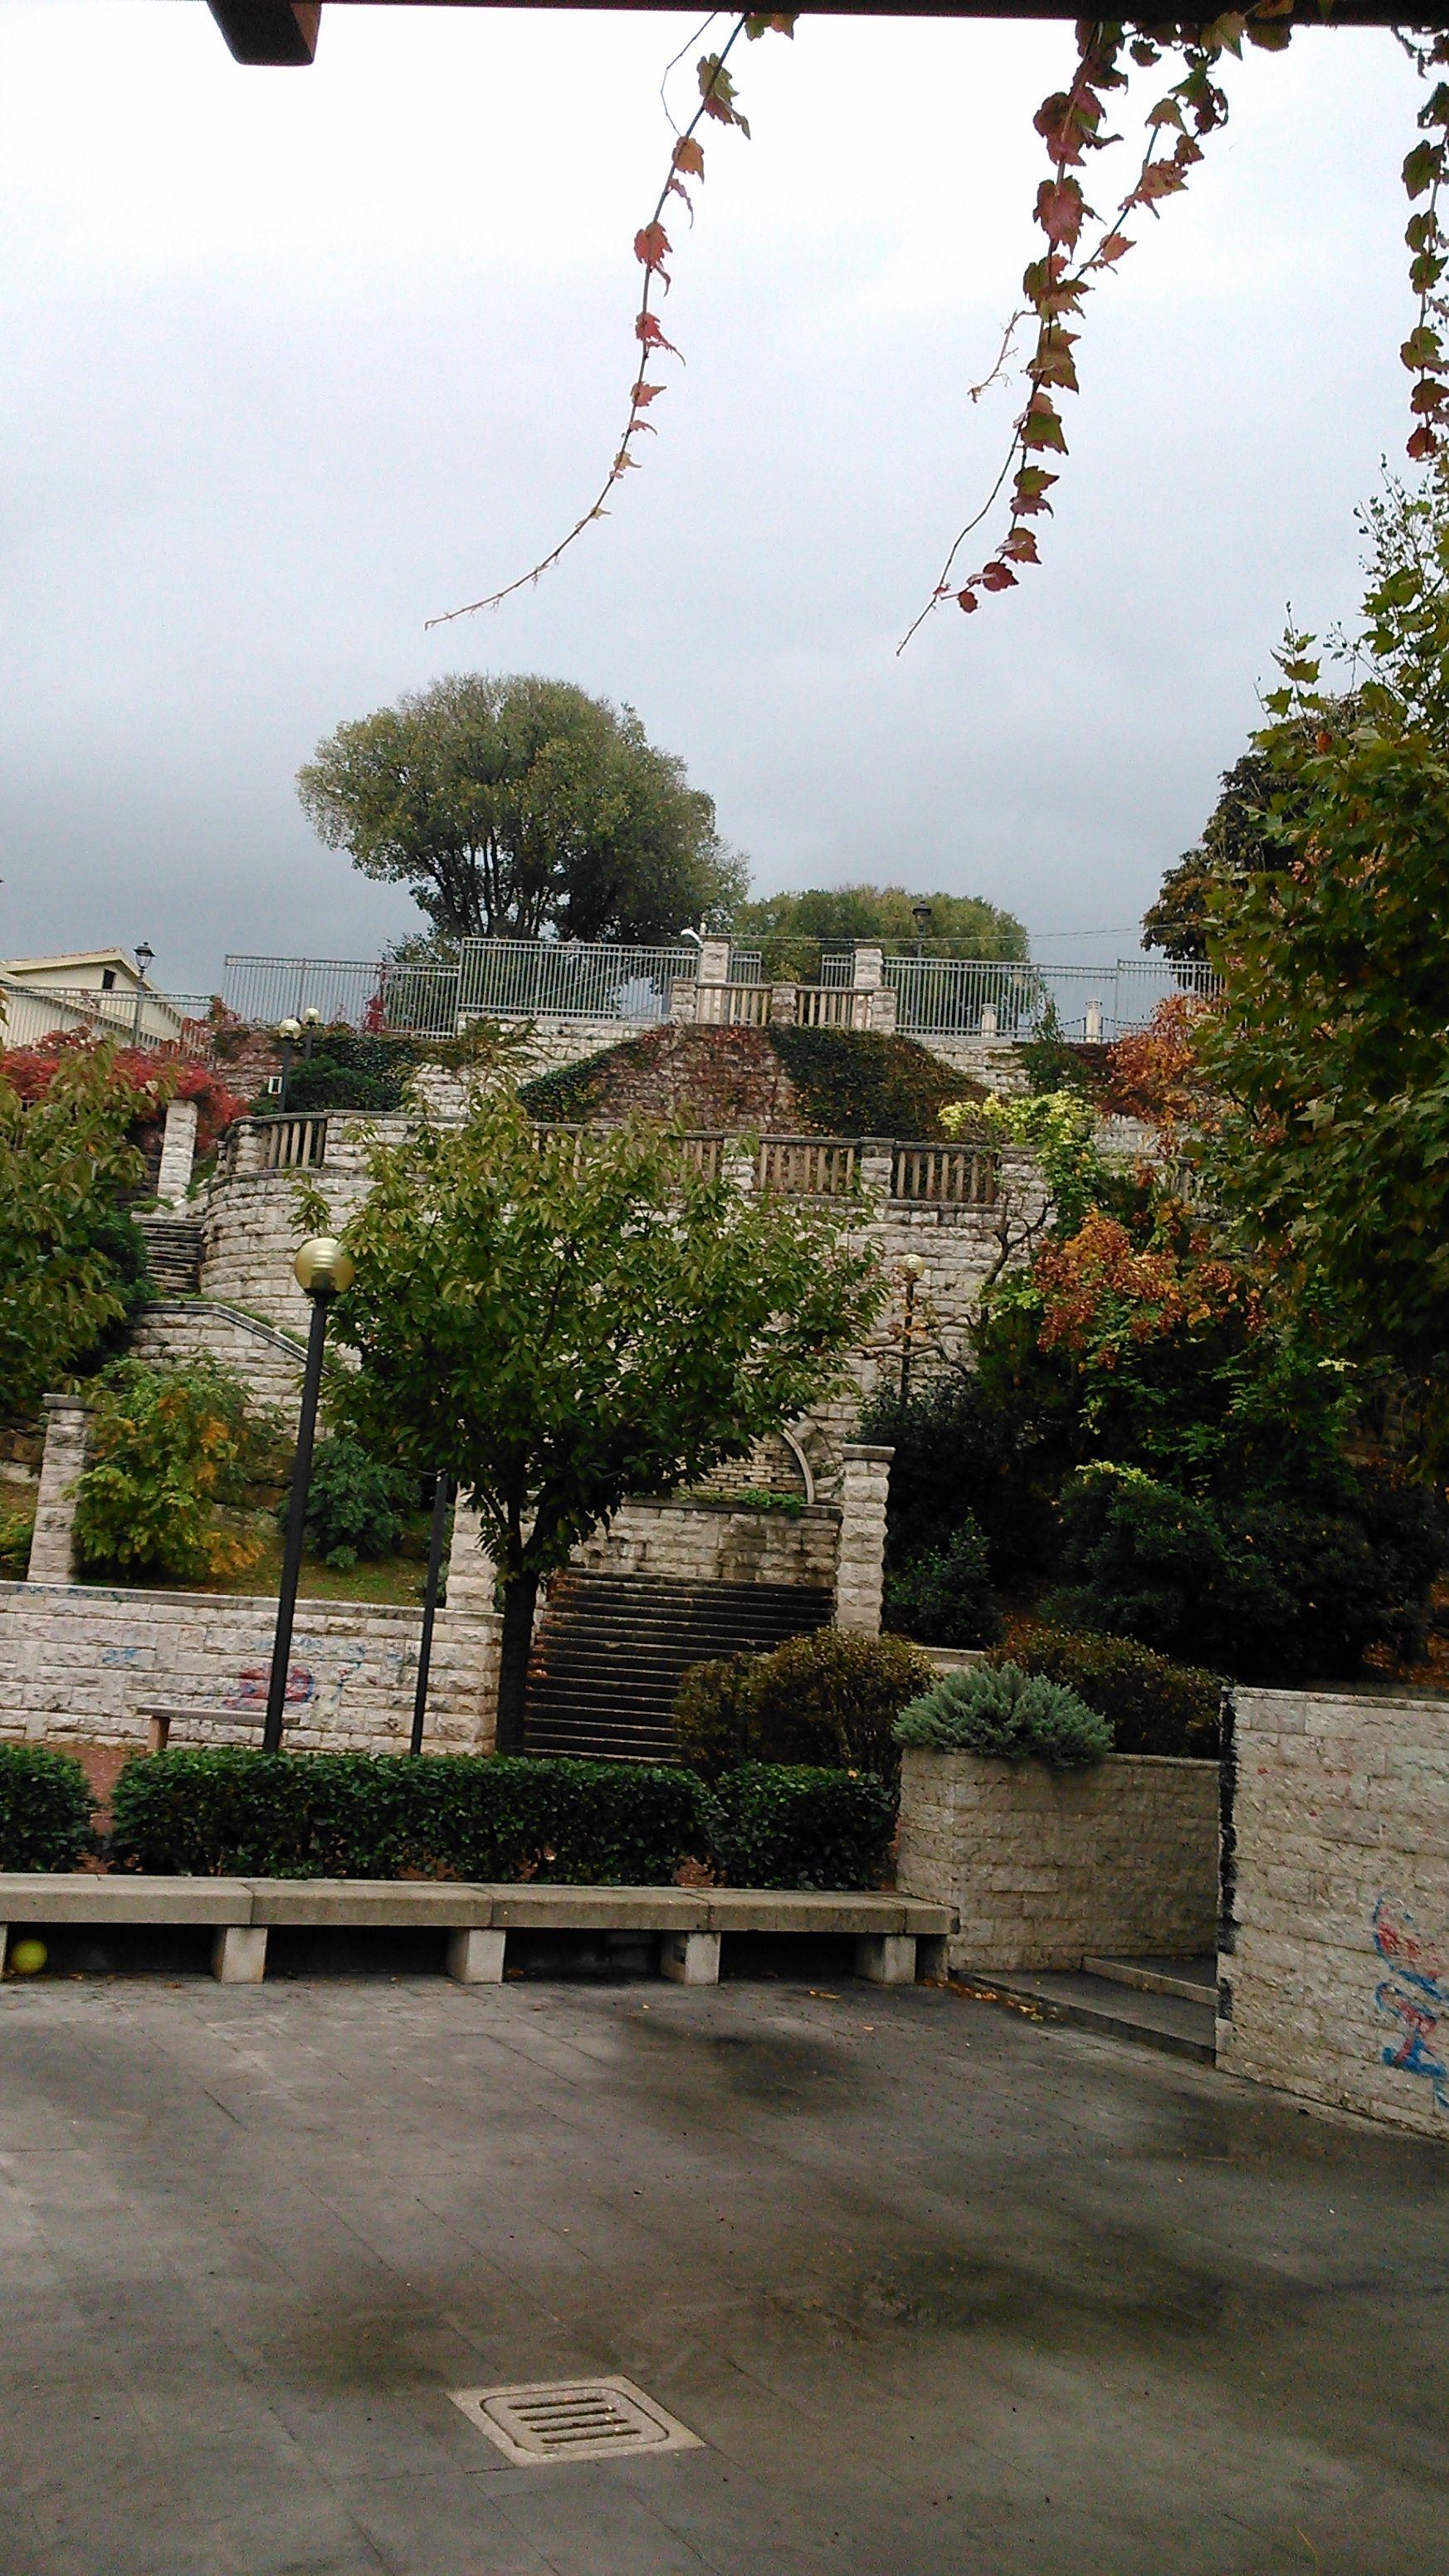 San Michele park lépcsője